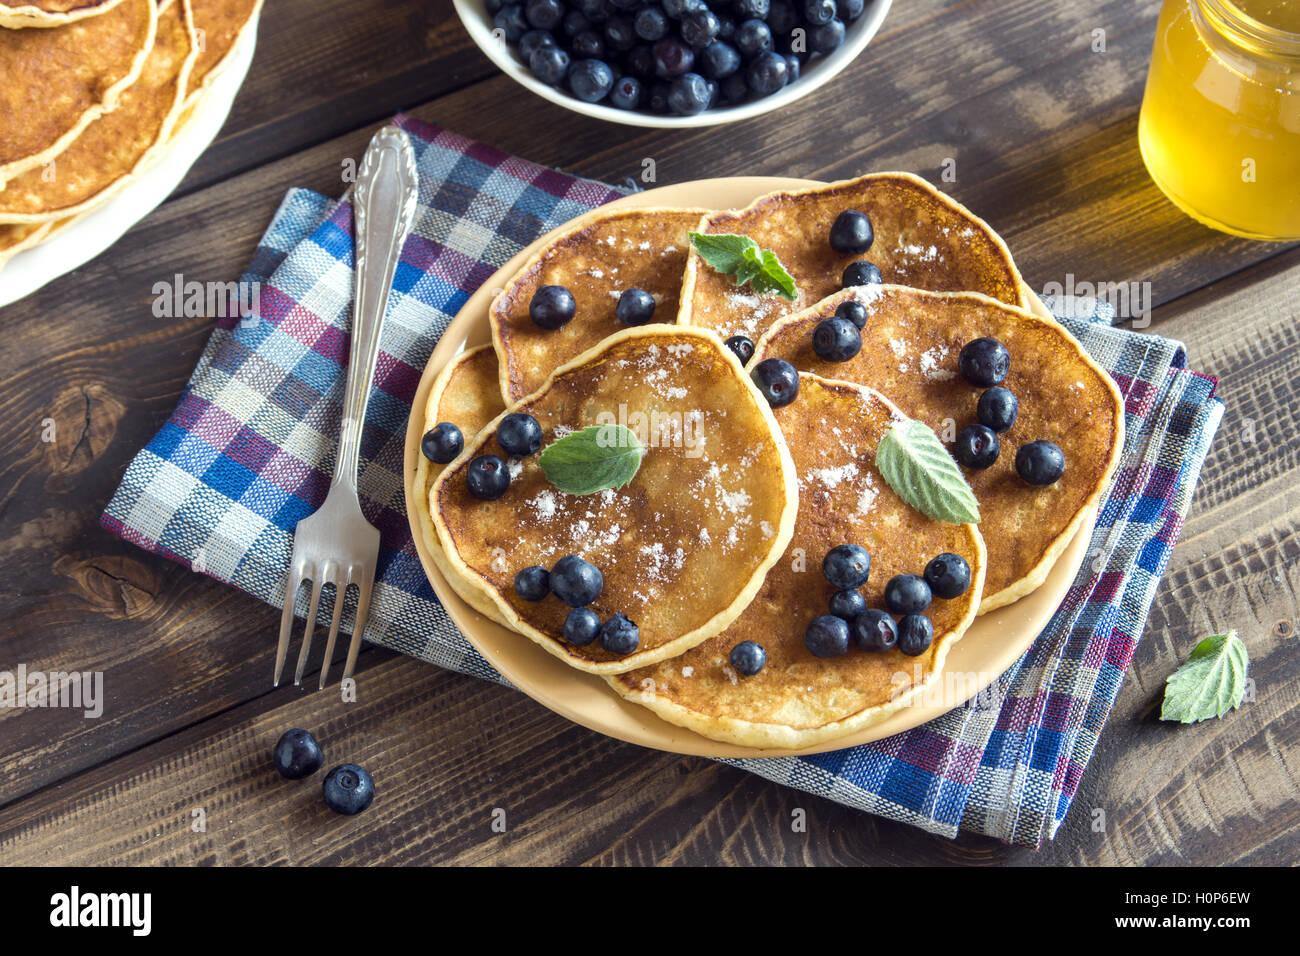 Los panqueques en la placa con los arándanos, menta y miel para el desayuno - comida vegetariana saludable Imagen De Stock